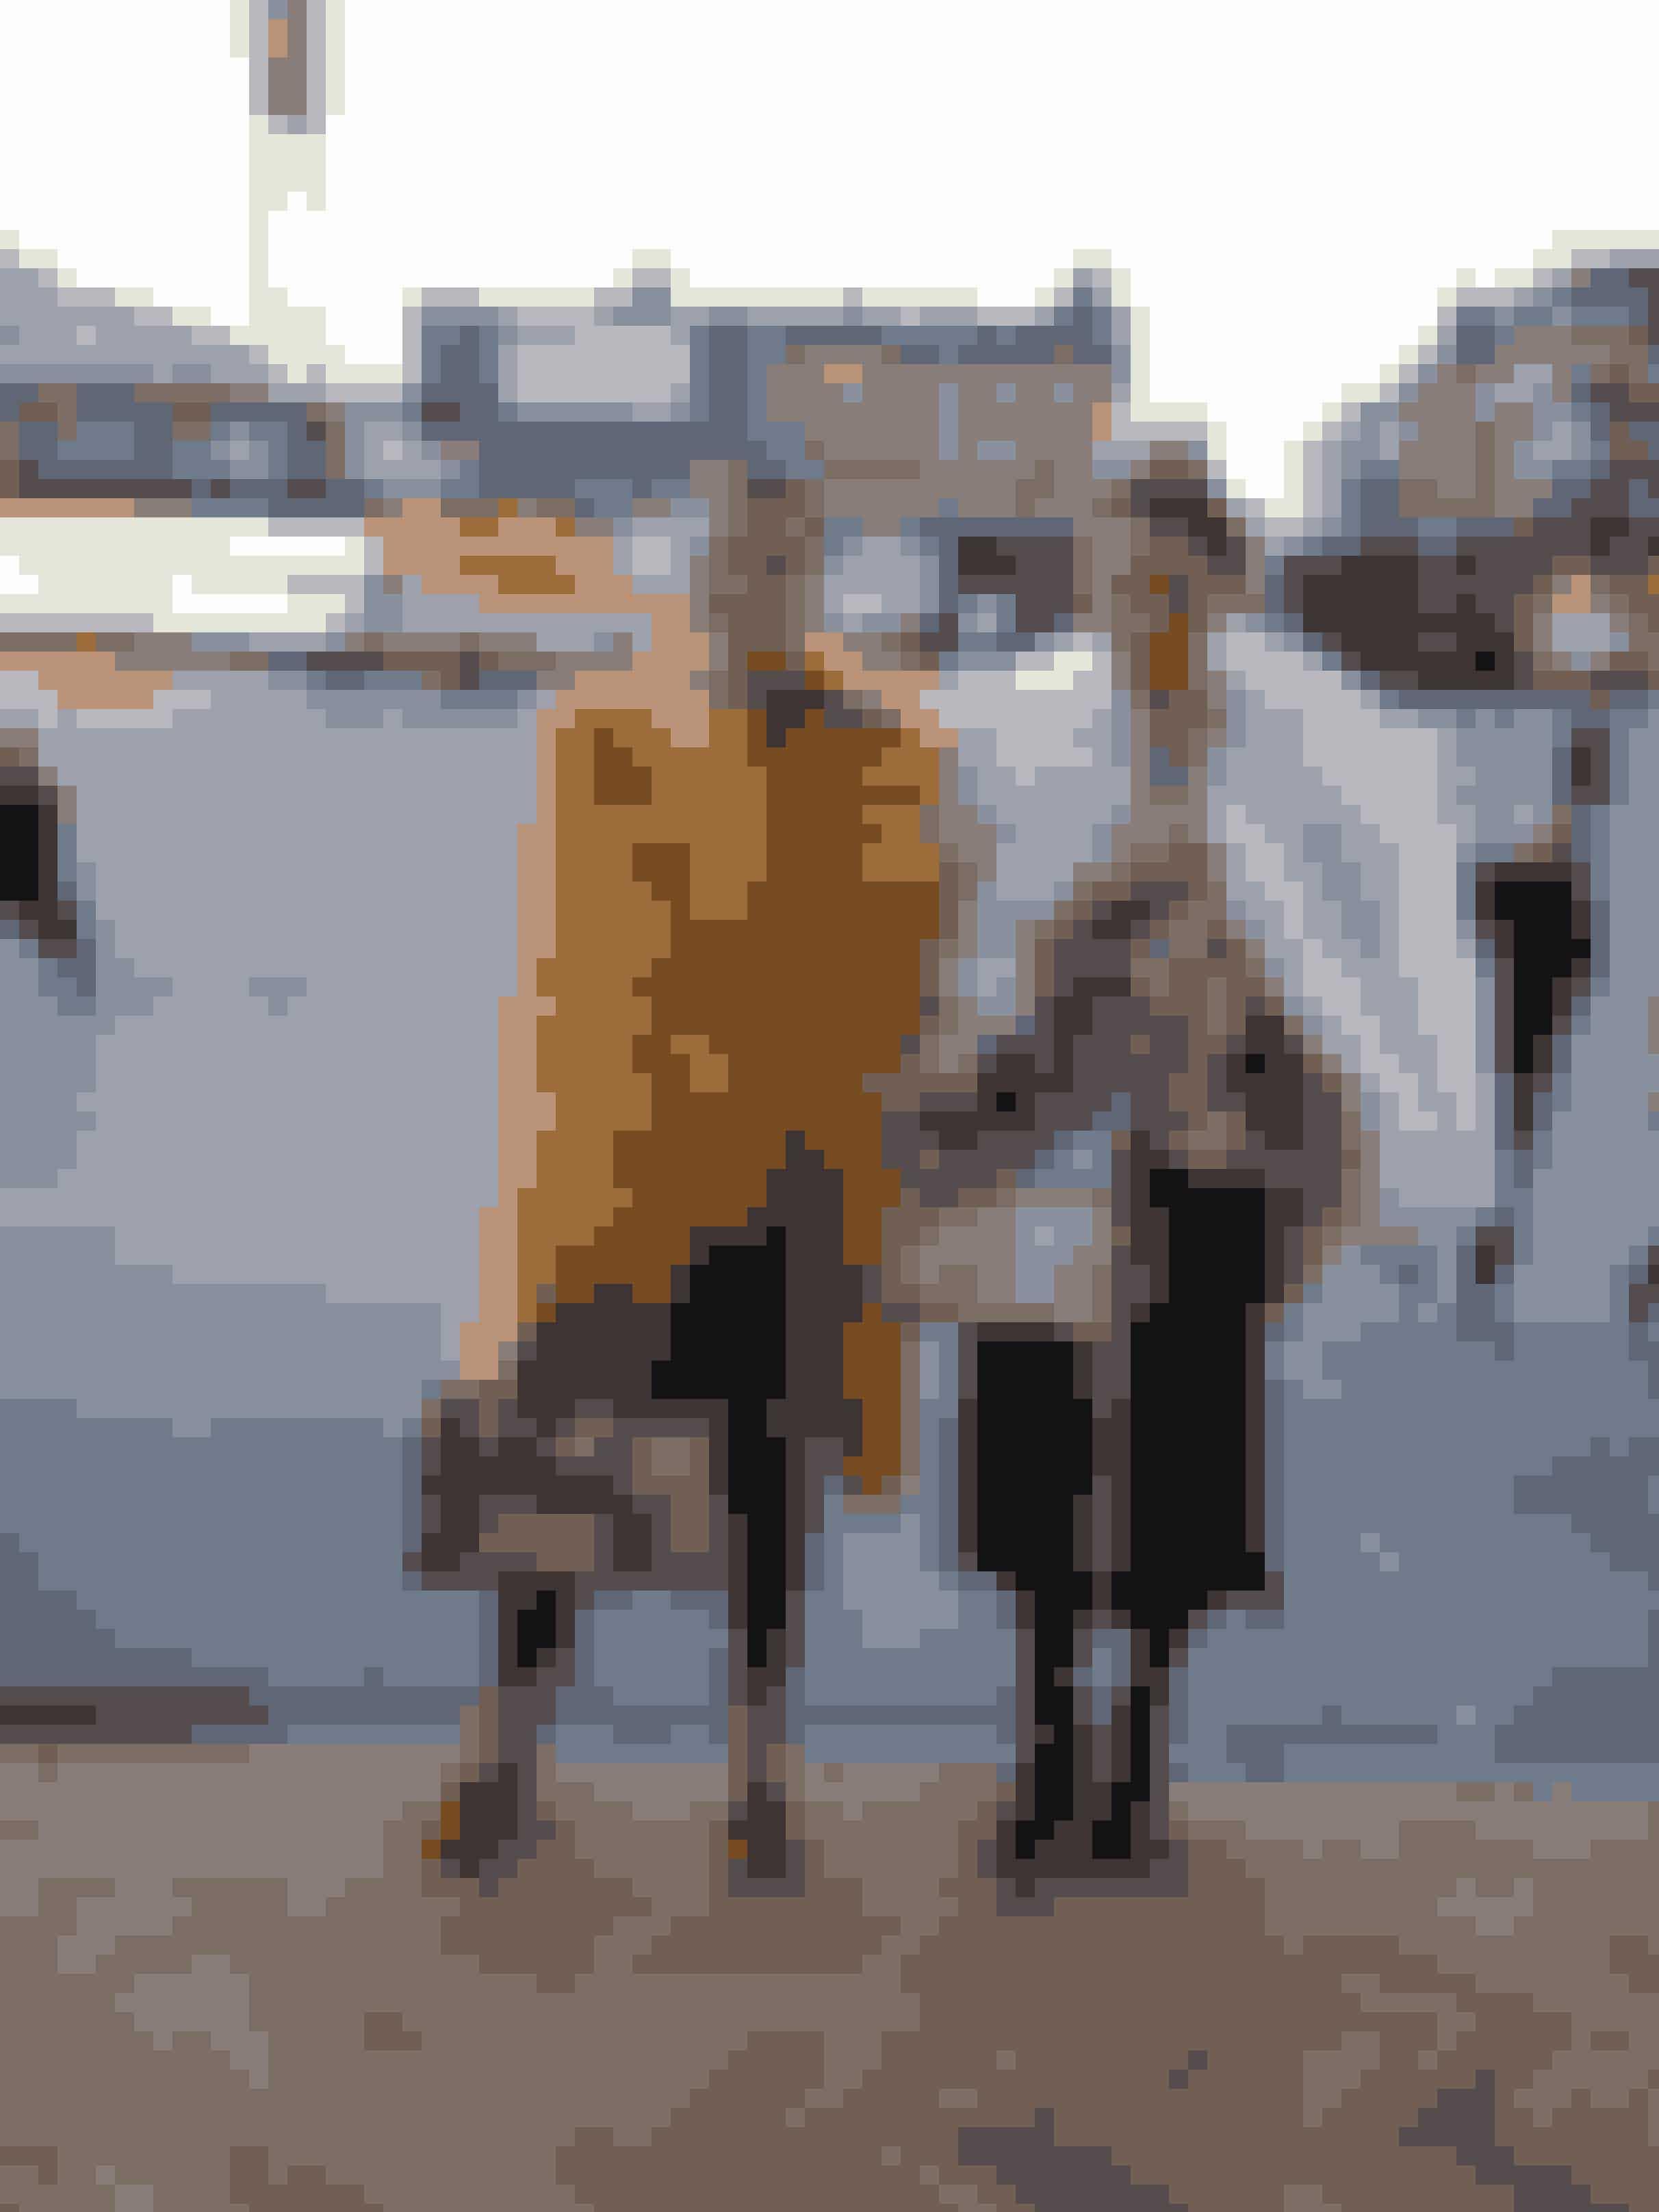 Janka Polliani og LineJanka (i gul pels) - Hvad har du på?Pels: Saks PottsSkjorte:Baum und PferdgartenSko og taske: GucciTørklæde: HermésJeans: AcneLine (i hvid pels) - Hvad glæder du dig mest til?Lala Berlin og Gannis show